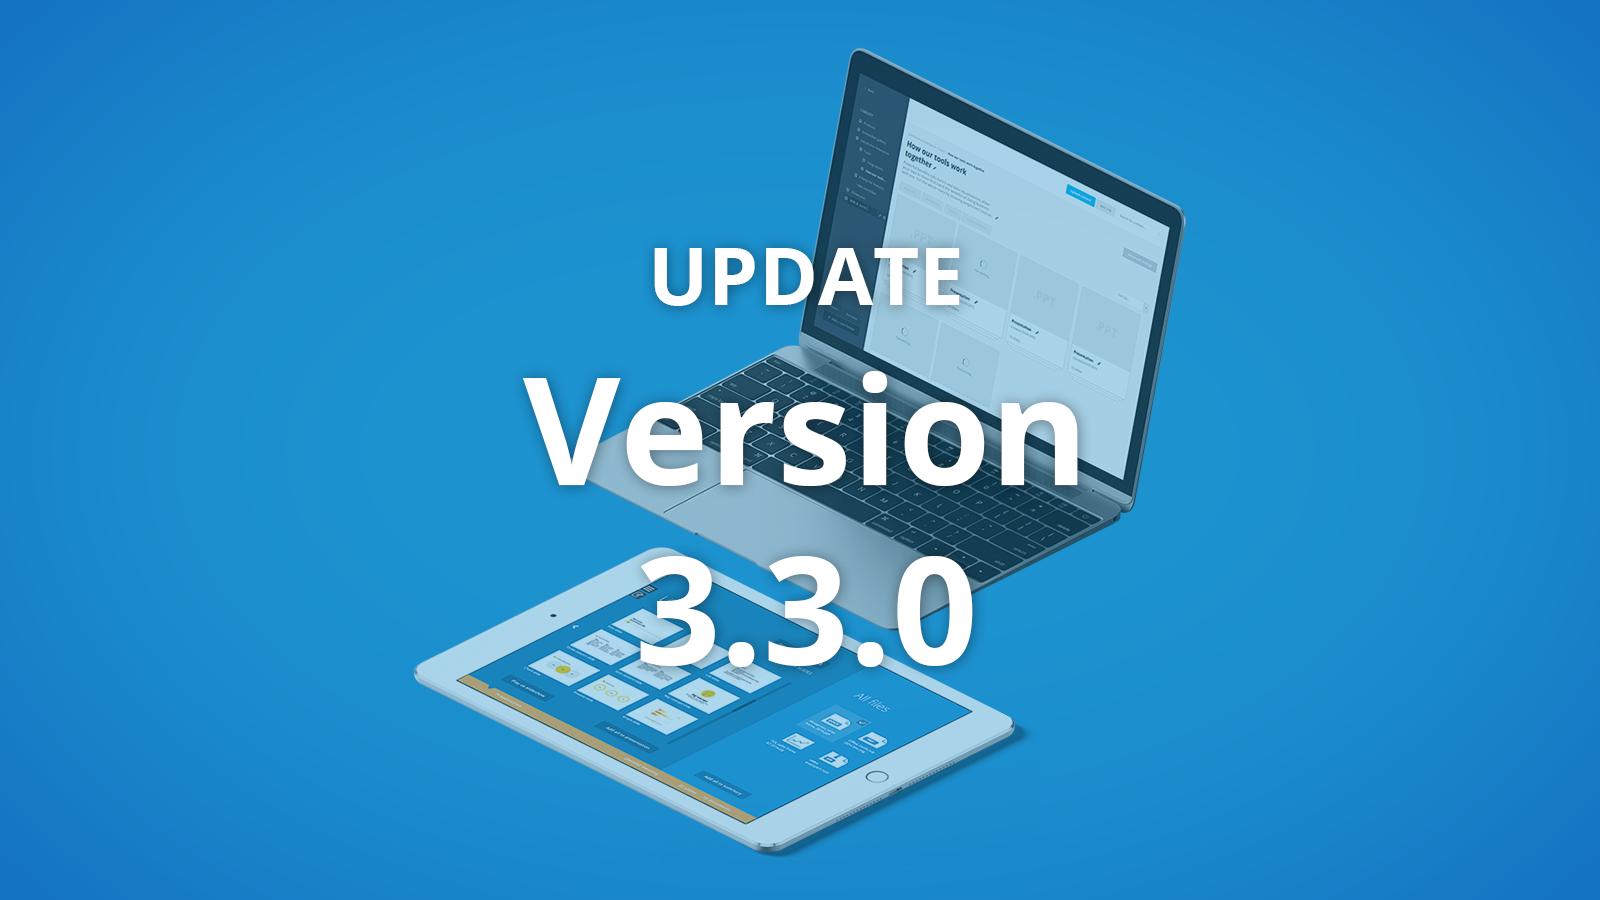 versionupdate-330.png